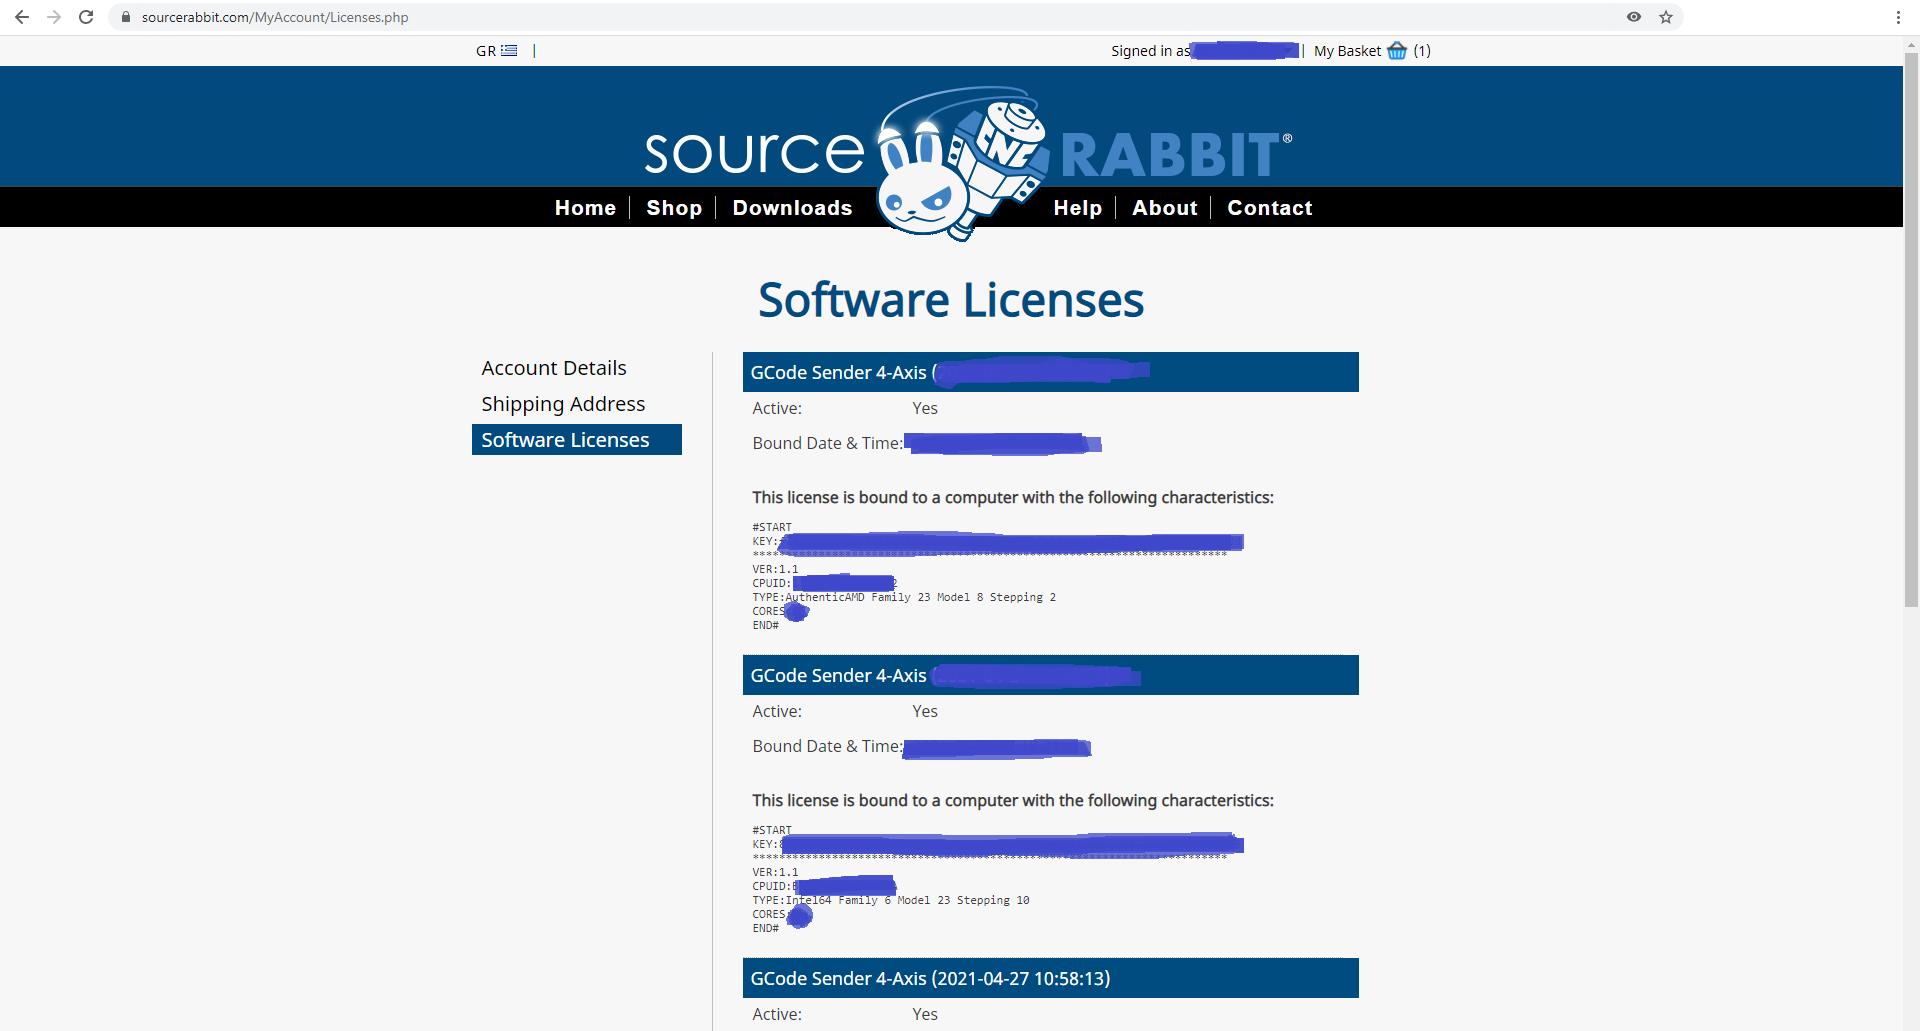 Διαχείριση αδειών GCode Sender 4-Axiw